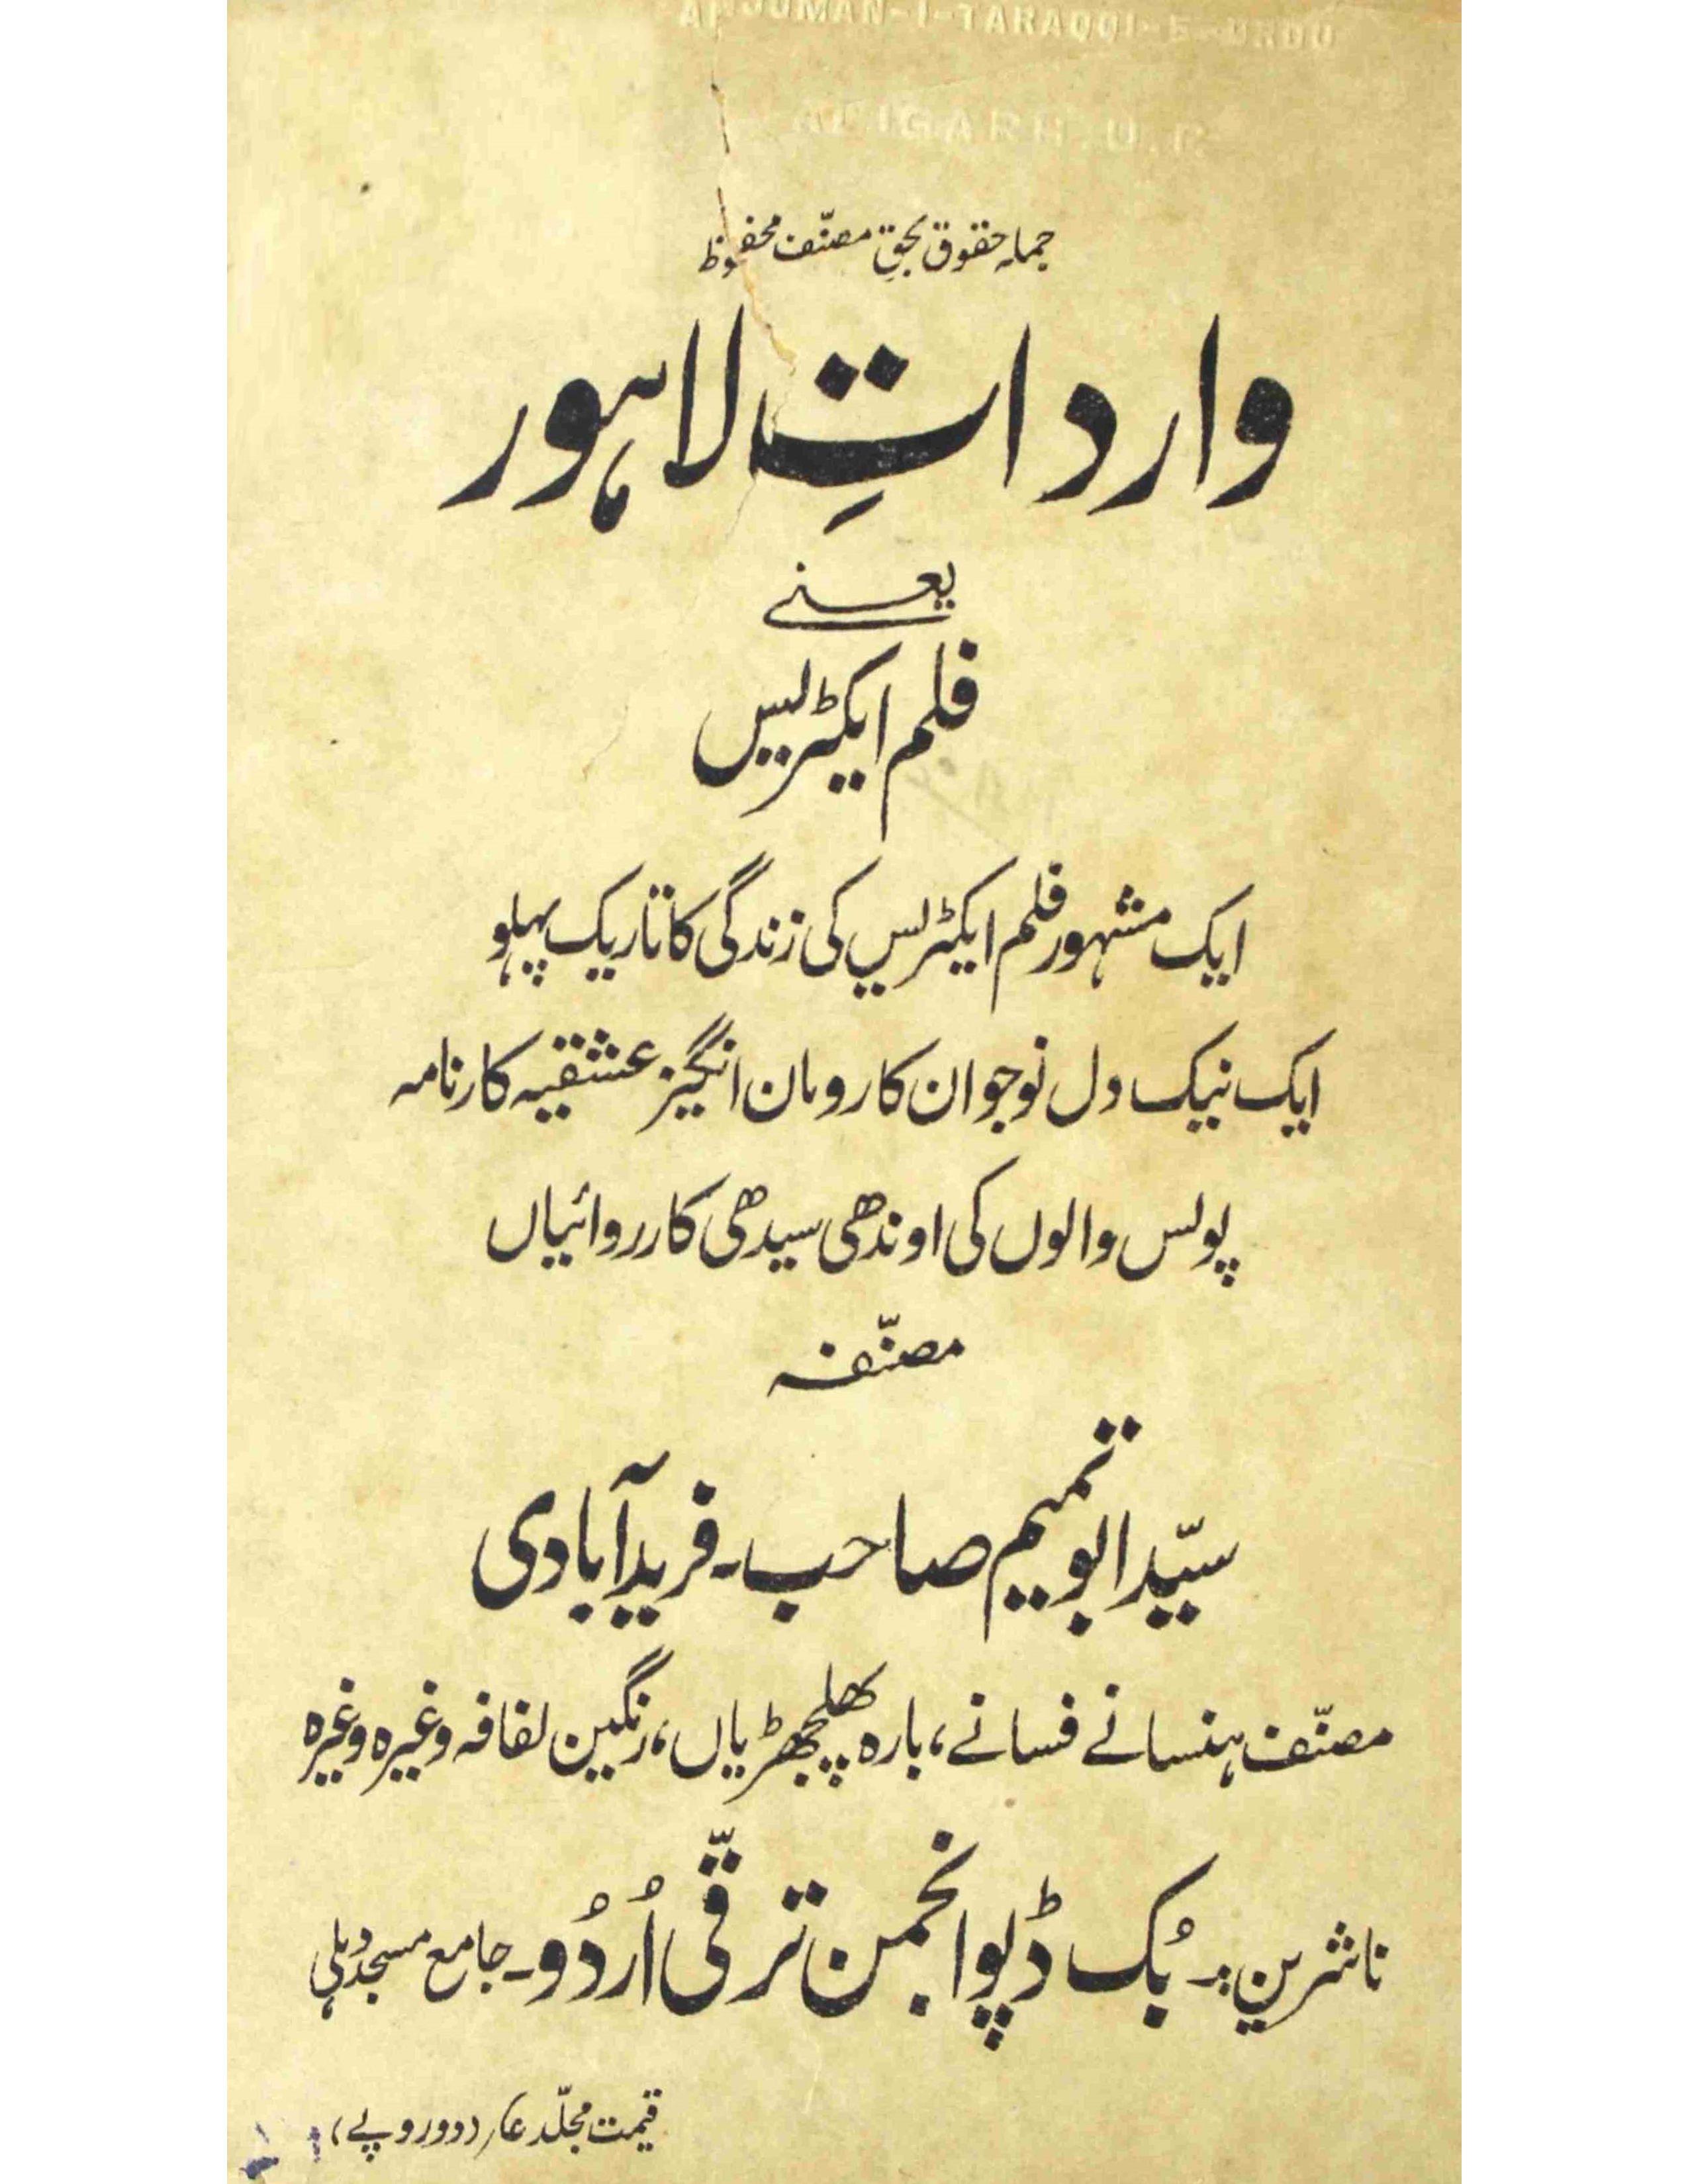 Vardat-e-Lahor